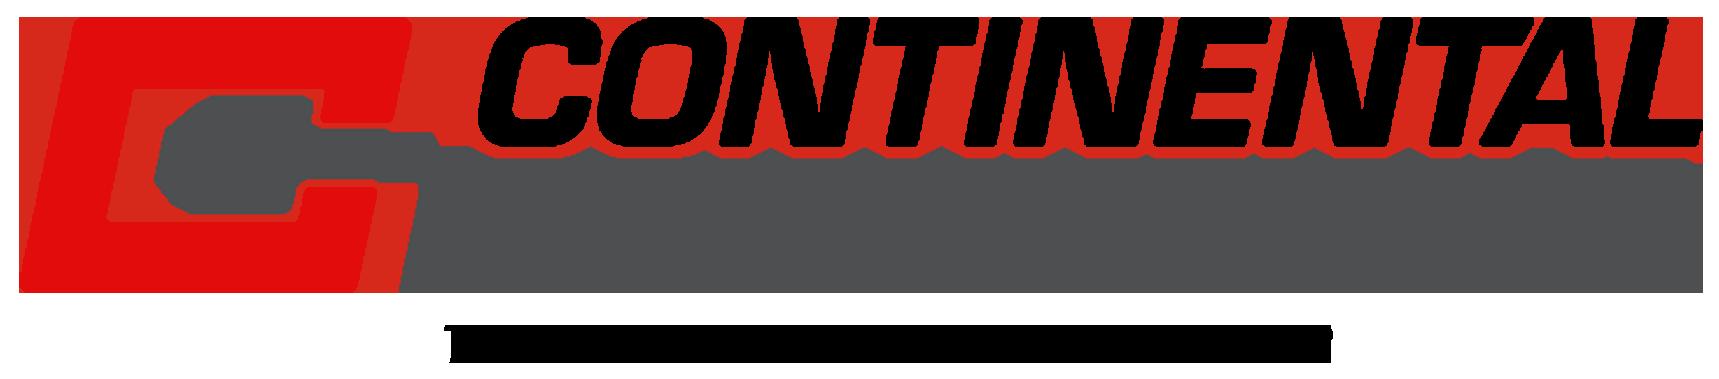 ROB261-91701-03